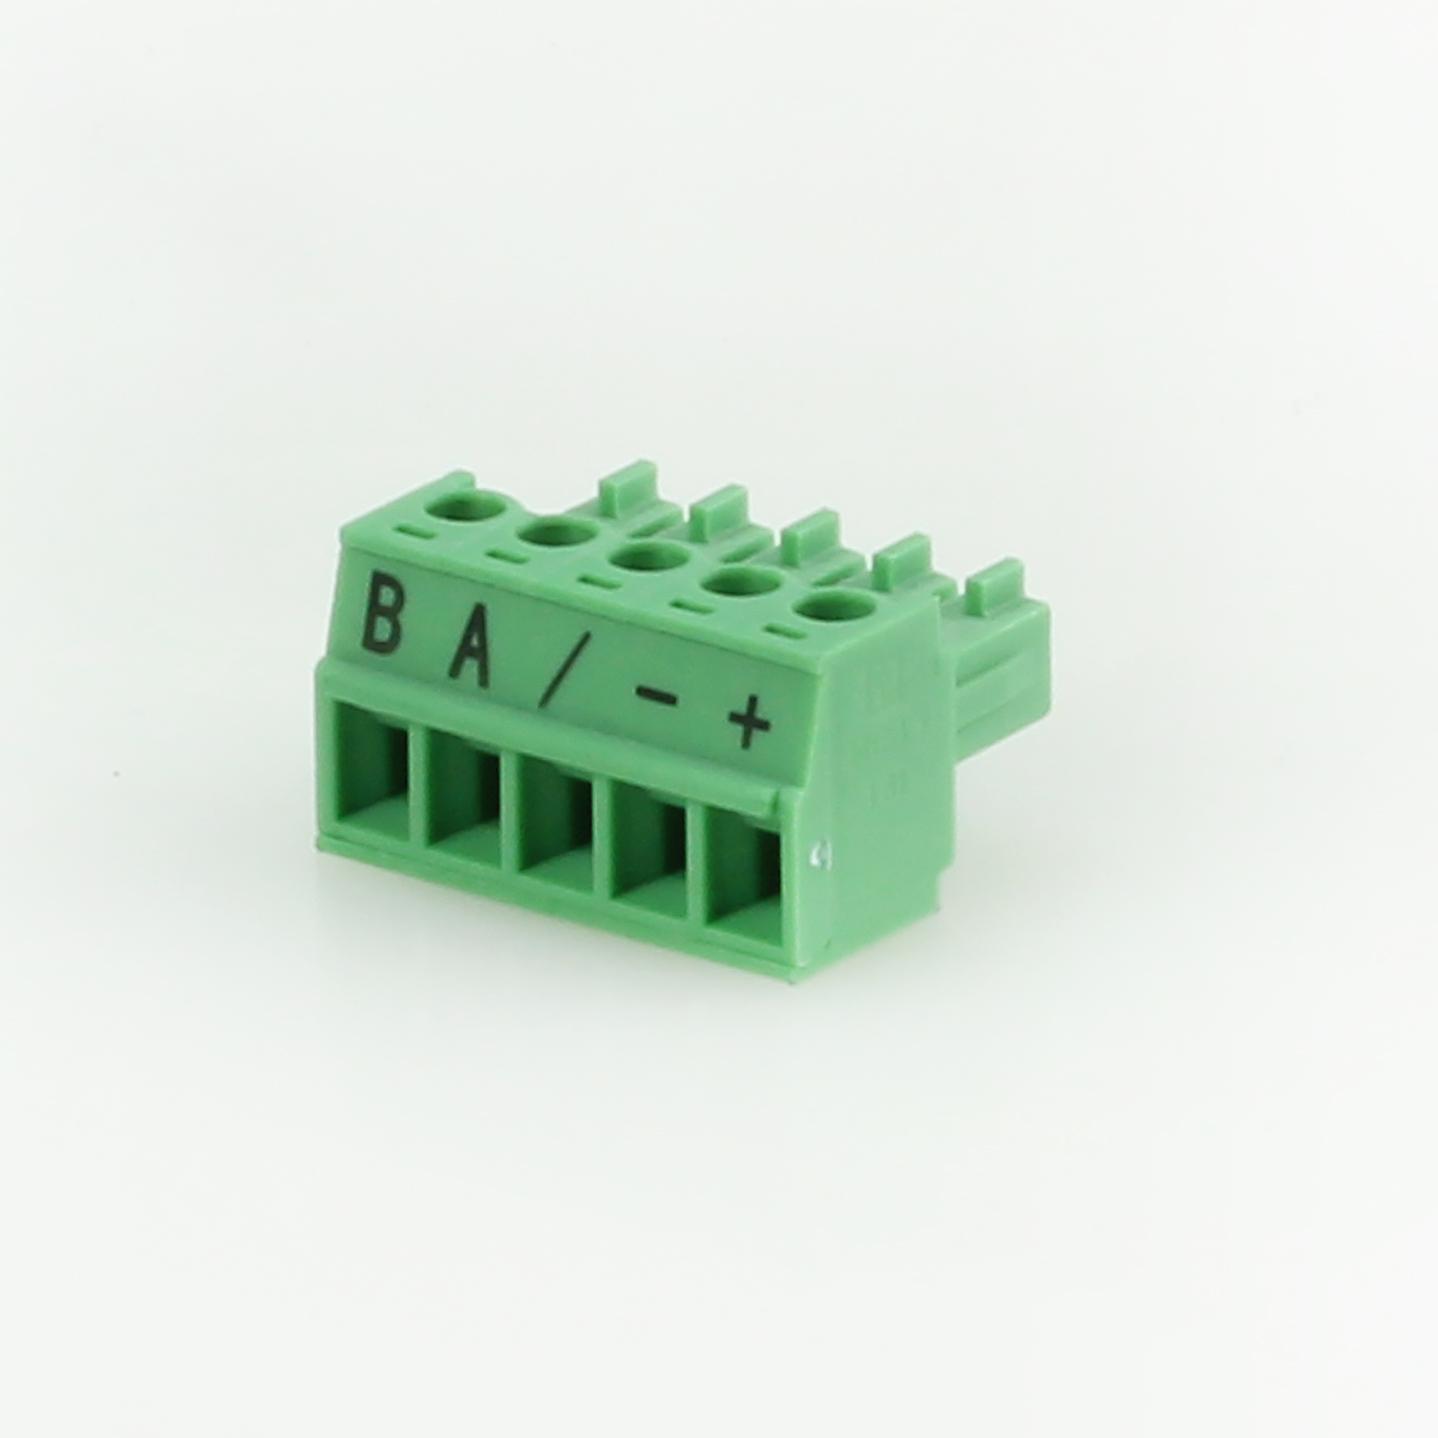 总线连接器正向插头(GS8200-EX系列适用)